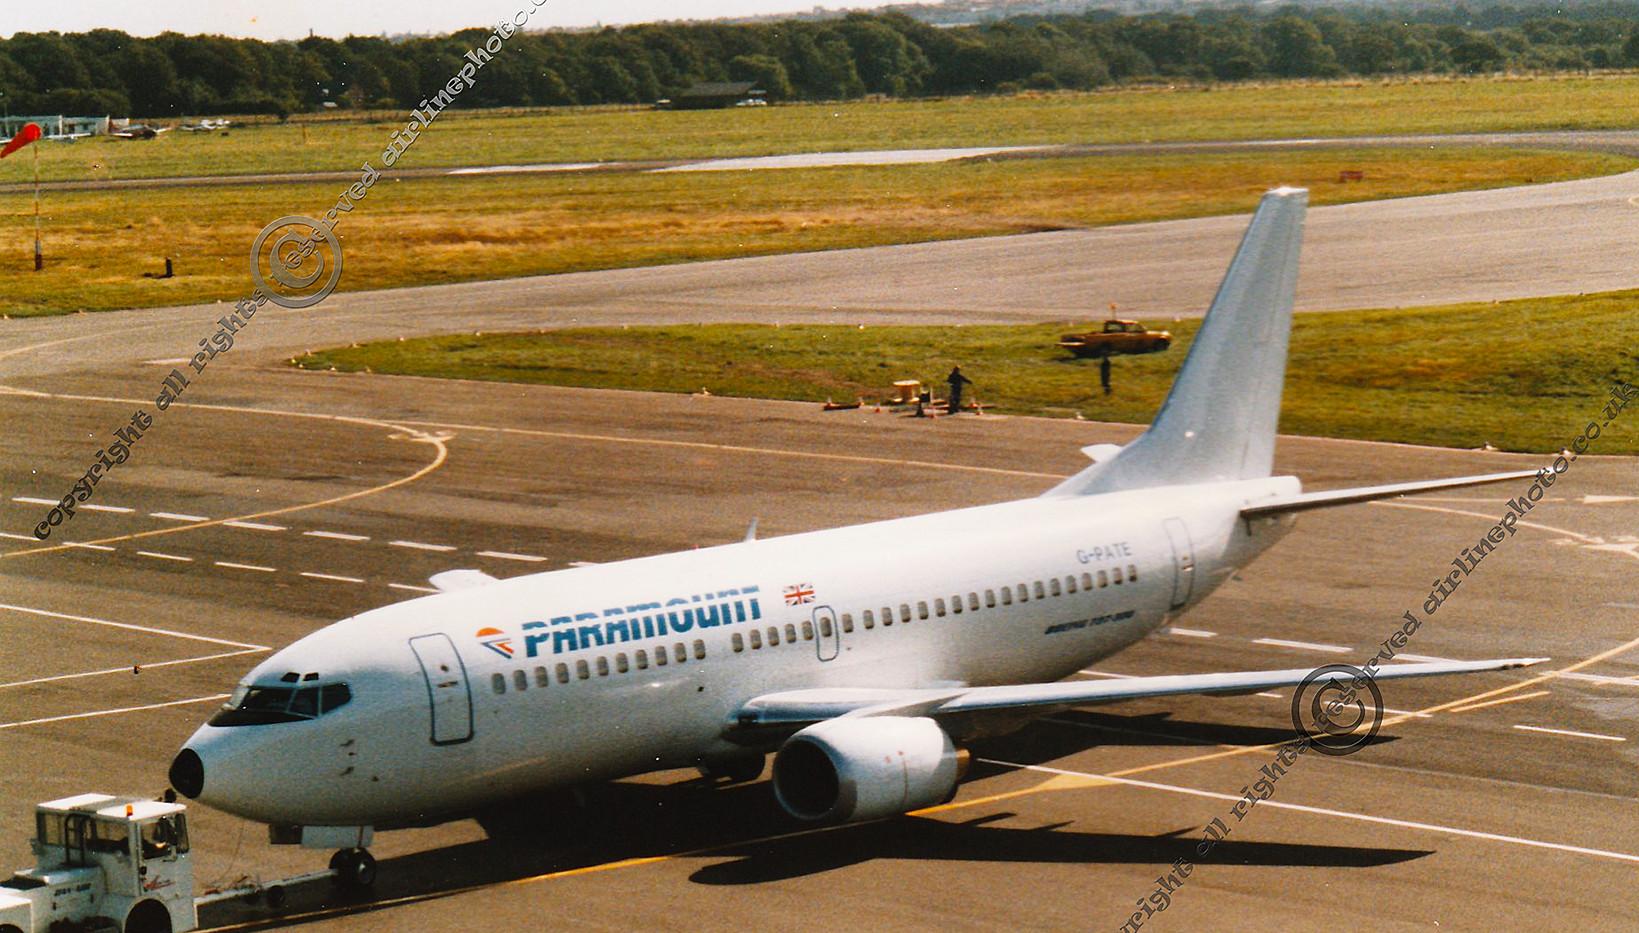 G-PATE-Paramount-737-NCL-1989.jpg